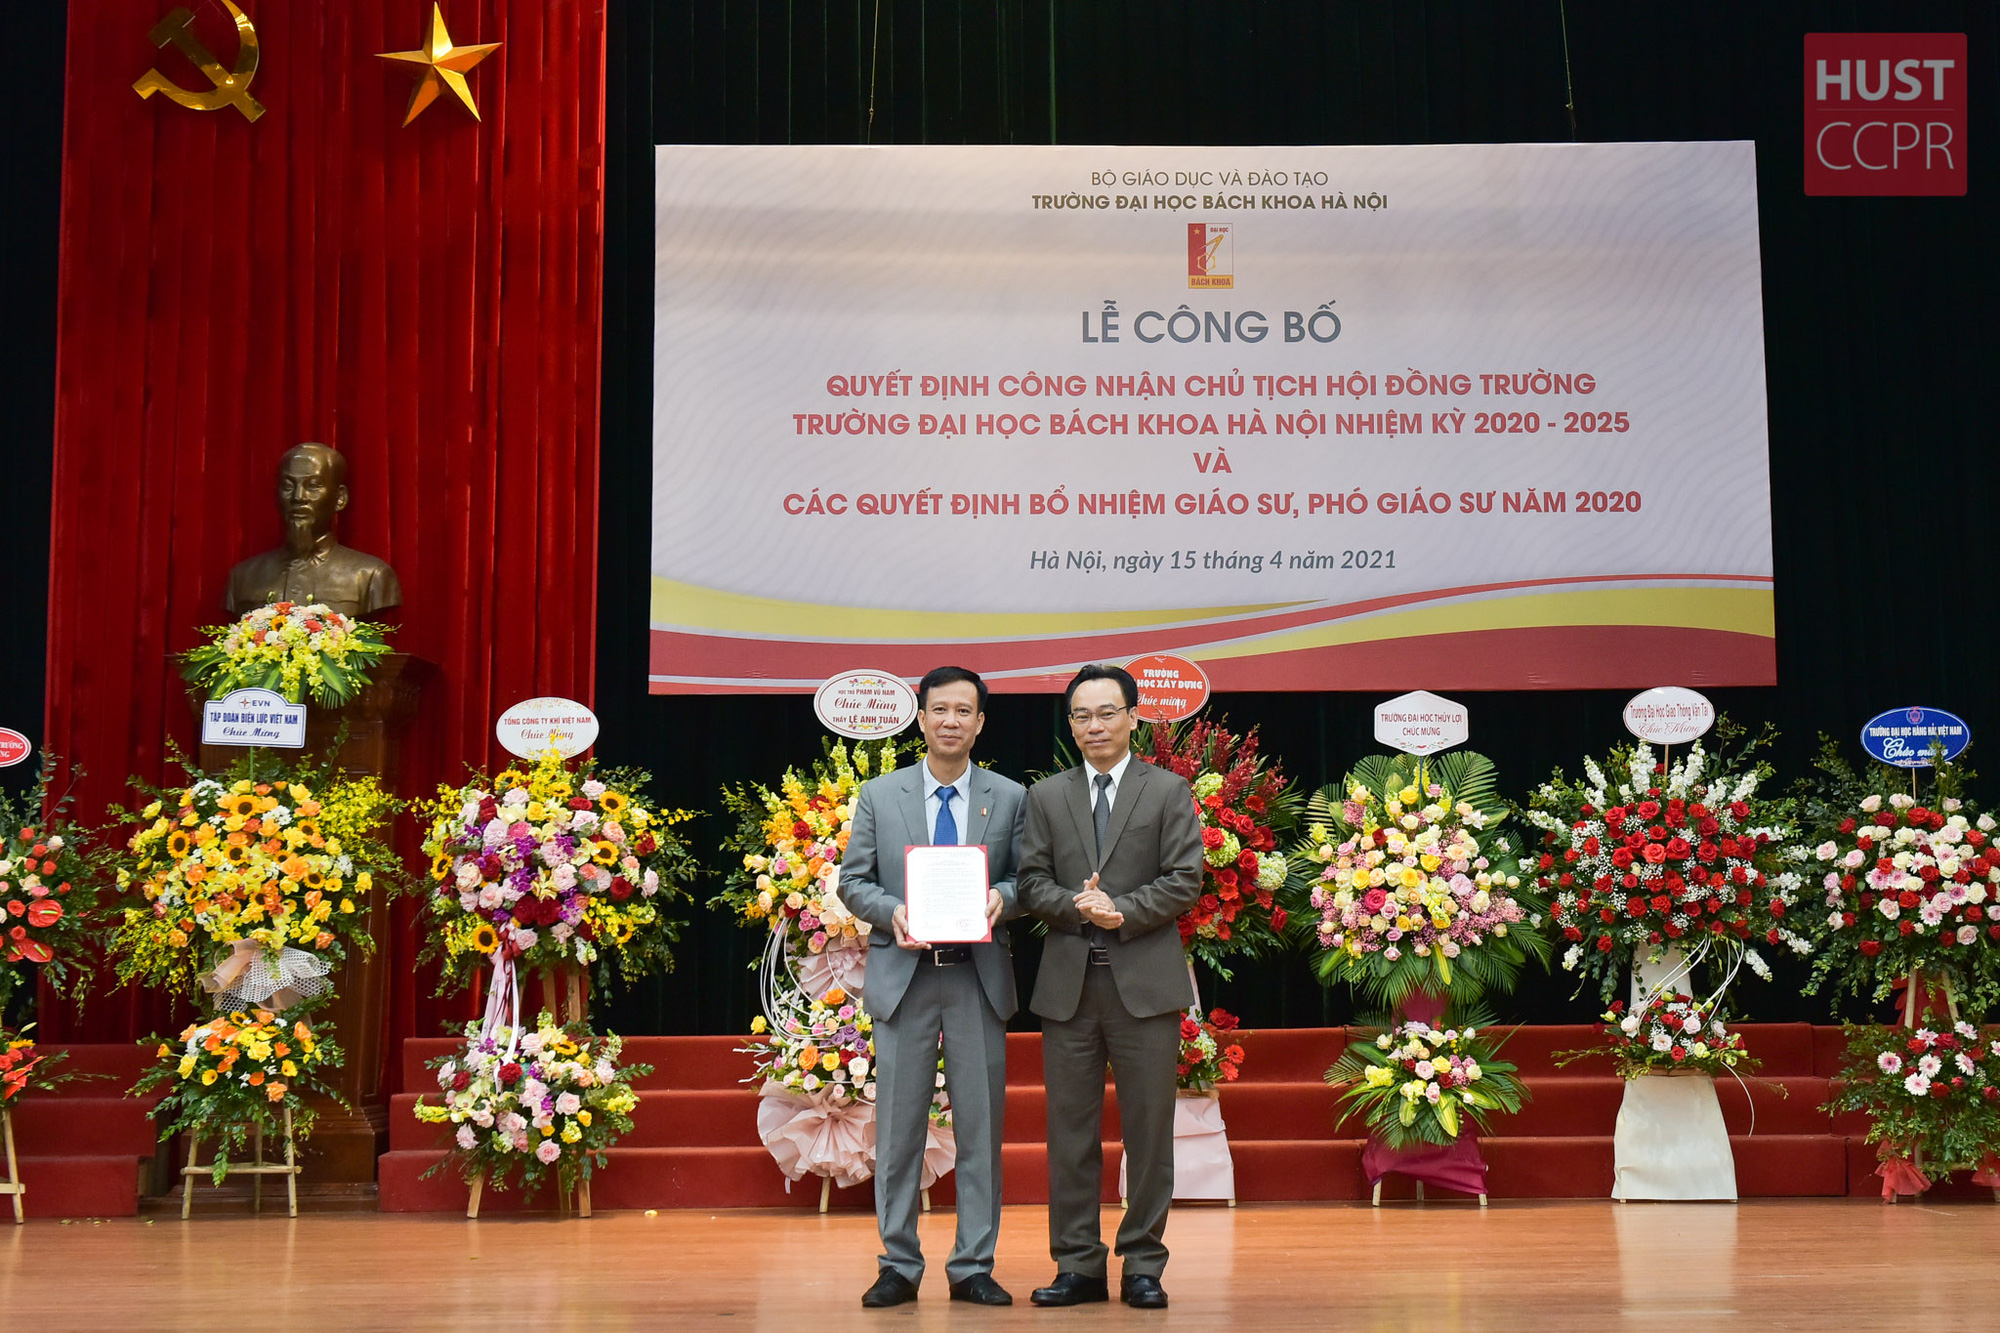 Chân dung, học vấn tân Chủ tịch Hội đồng trường ĐH Bách khoa Hà Nội 46 tuổi - Ảnh 1.